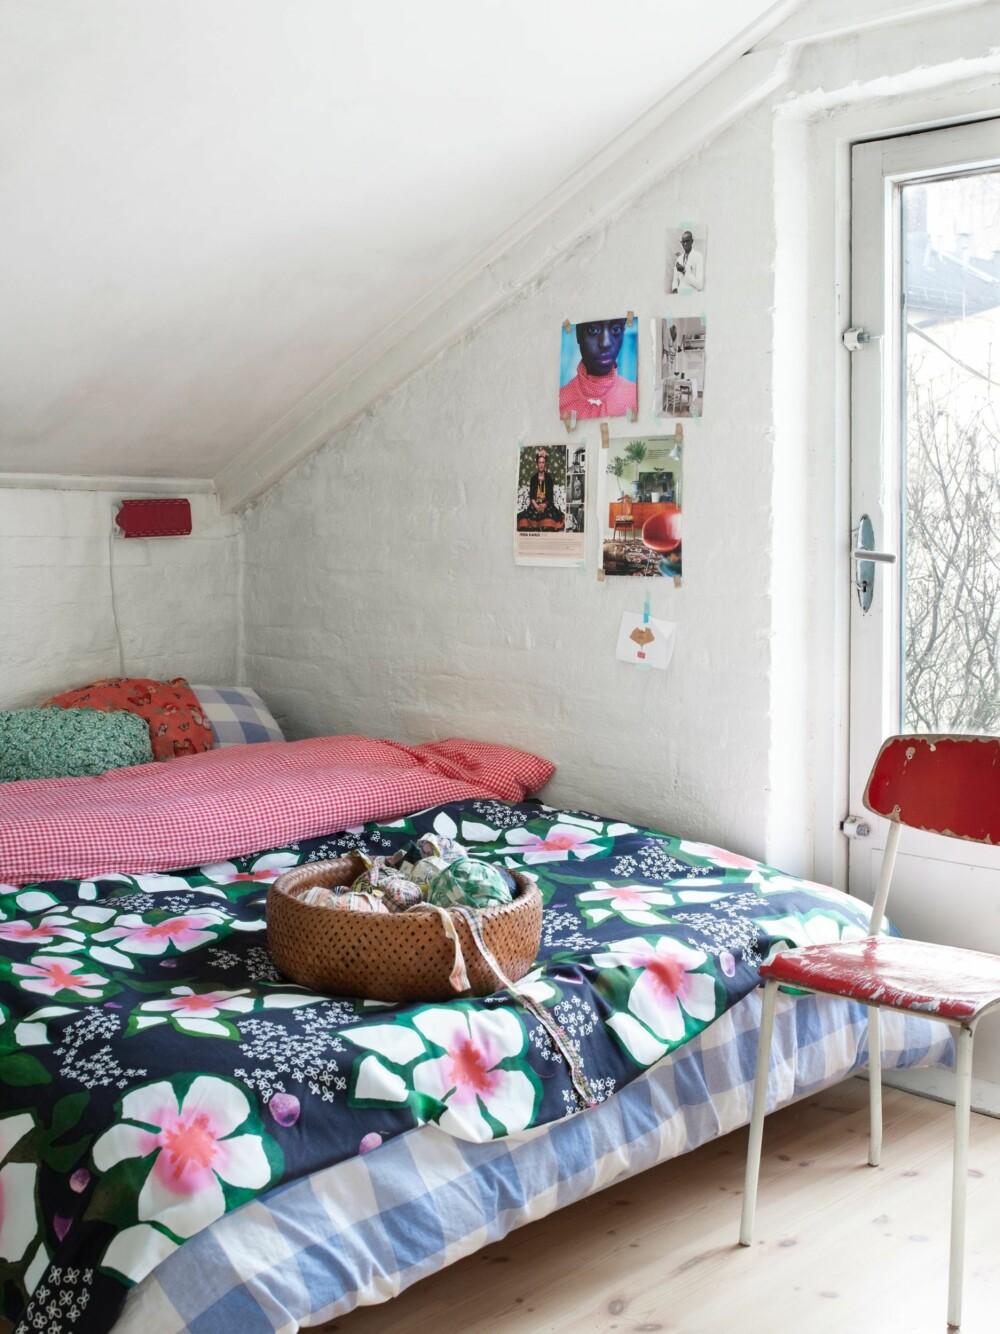 SKRÅVEGGER: I andre etasje er det mange skråvegger, og de blir utnyttet til soveplass. Nina mikser gjerne ulike mønstre. Både lampen og stolen er kjøpt i Frankrike.